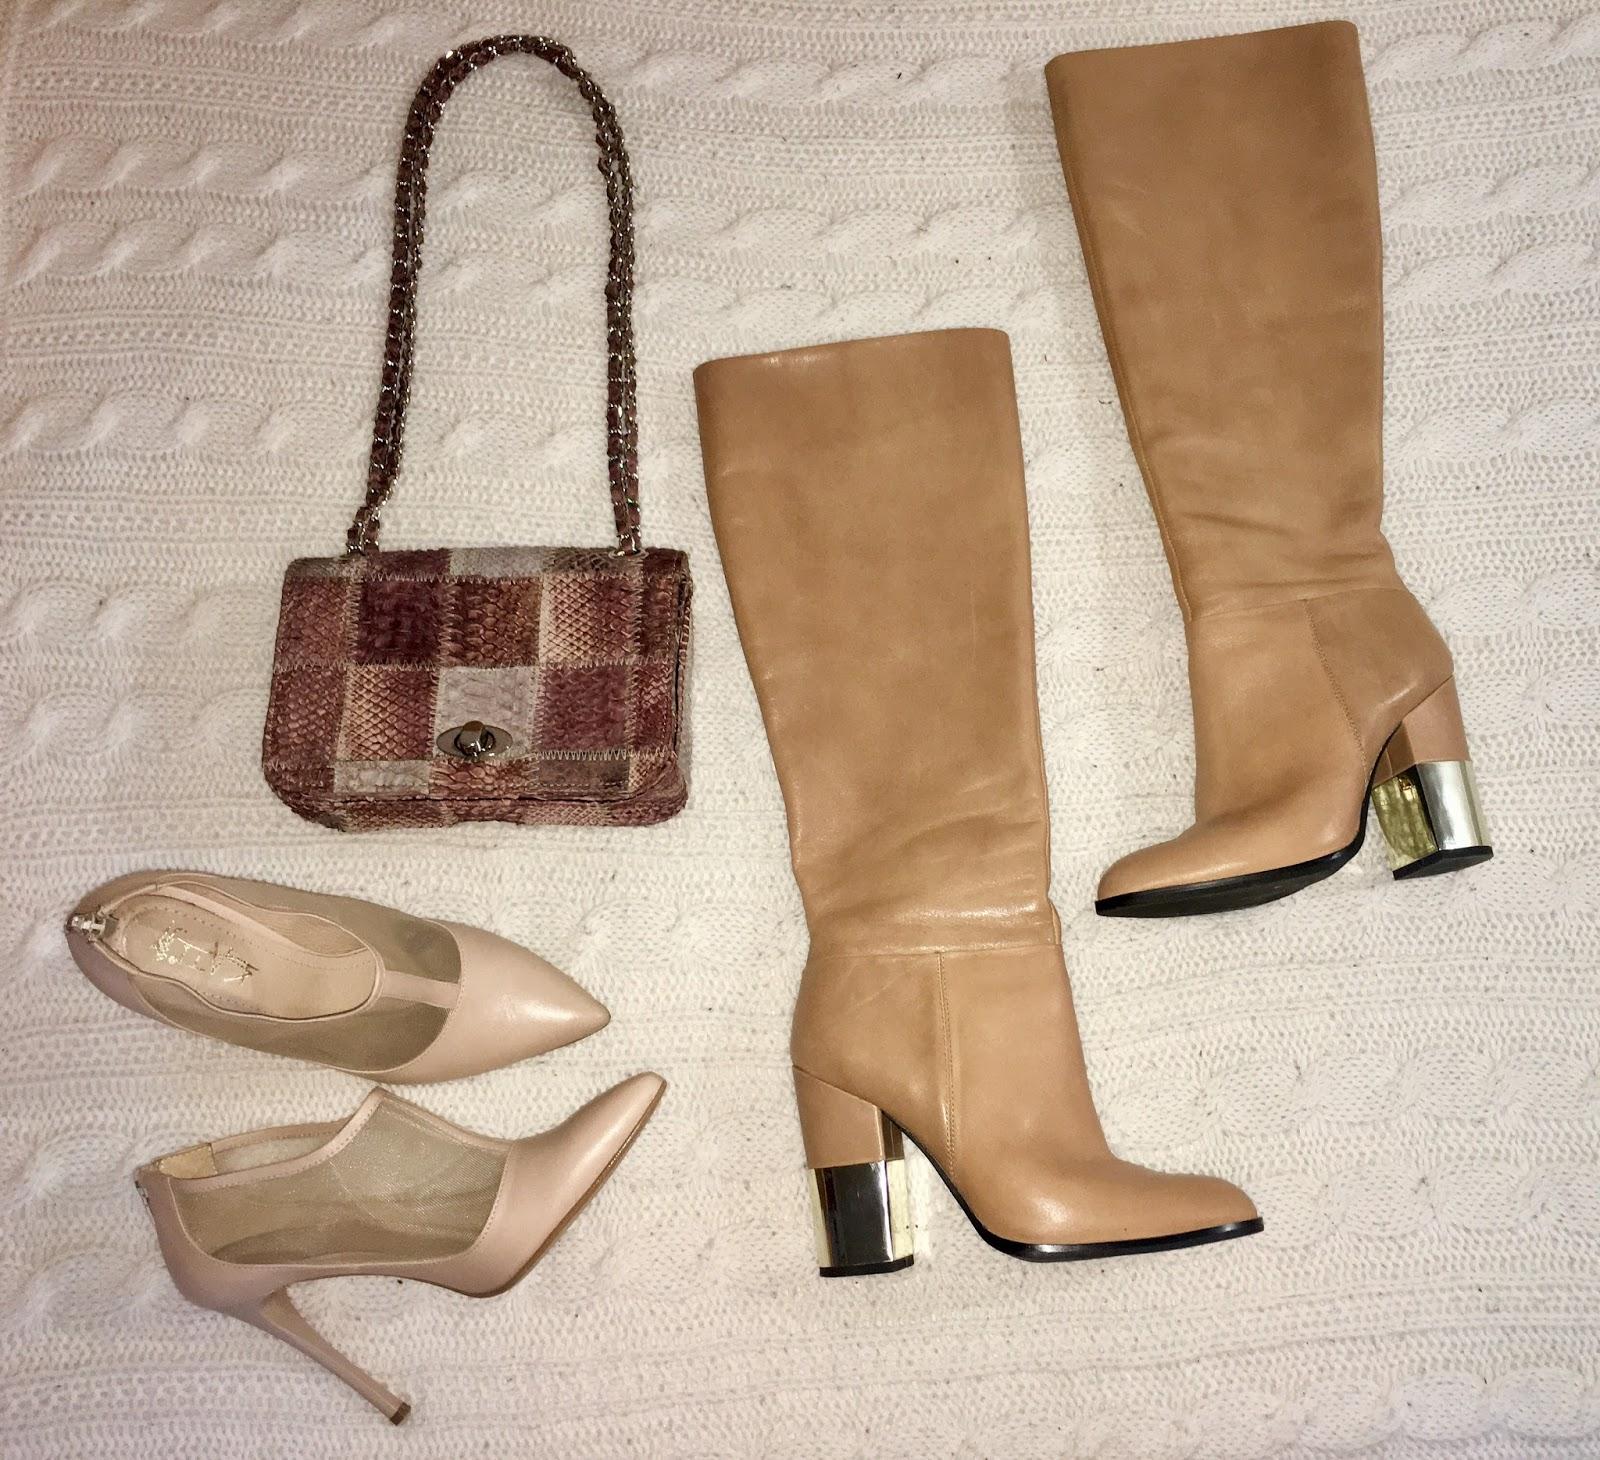 6186a0a3a438 Kožené lodičky KATI- kúpené v obuvi Xandra- 70€ Kožené čižmy ALDO- kúpené v  zľave- 80€ Kabelka z hadej kože pytóna